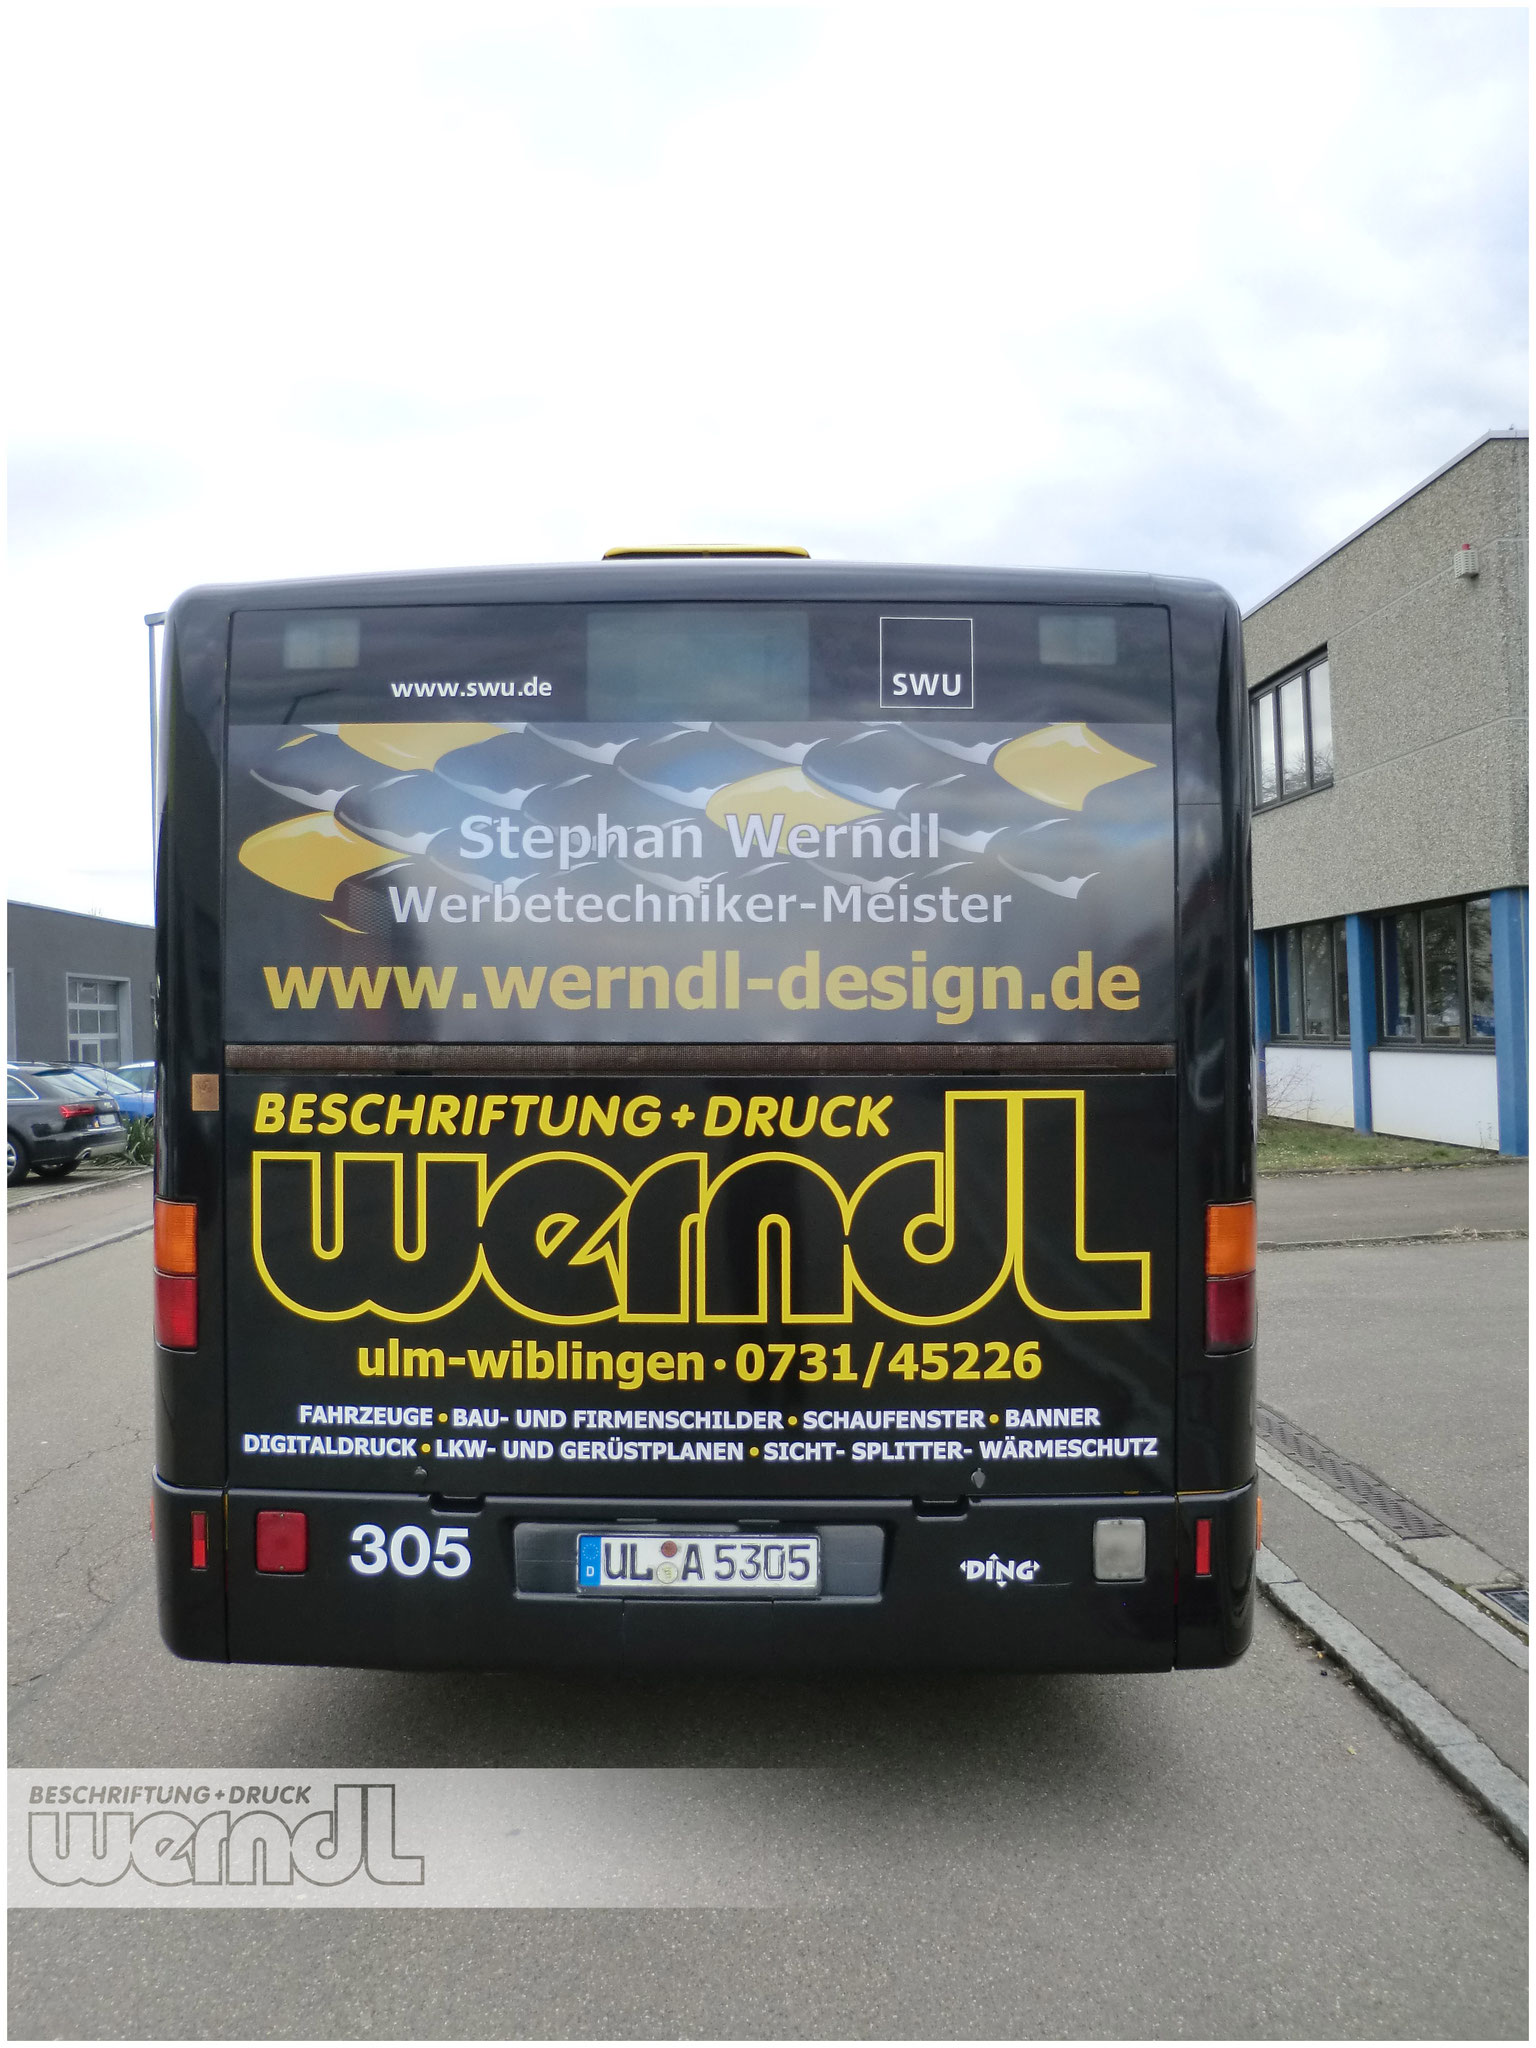 Vollfolierung unseres Werndl Beschriftung und Druck Busses